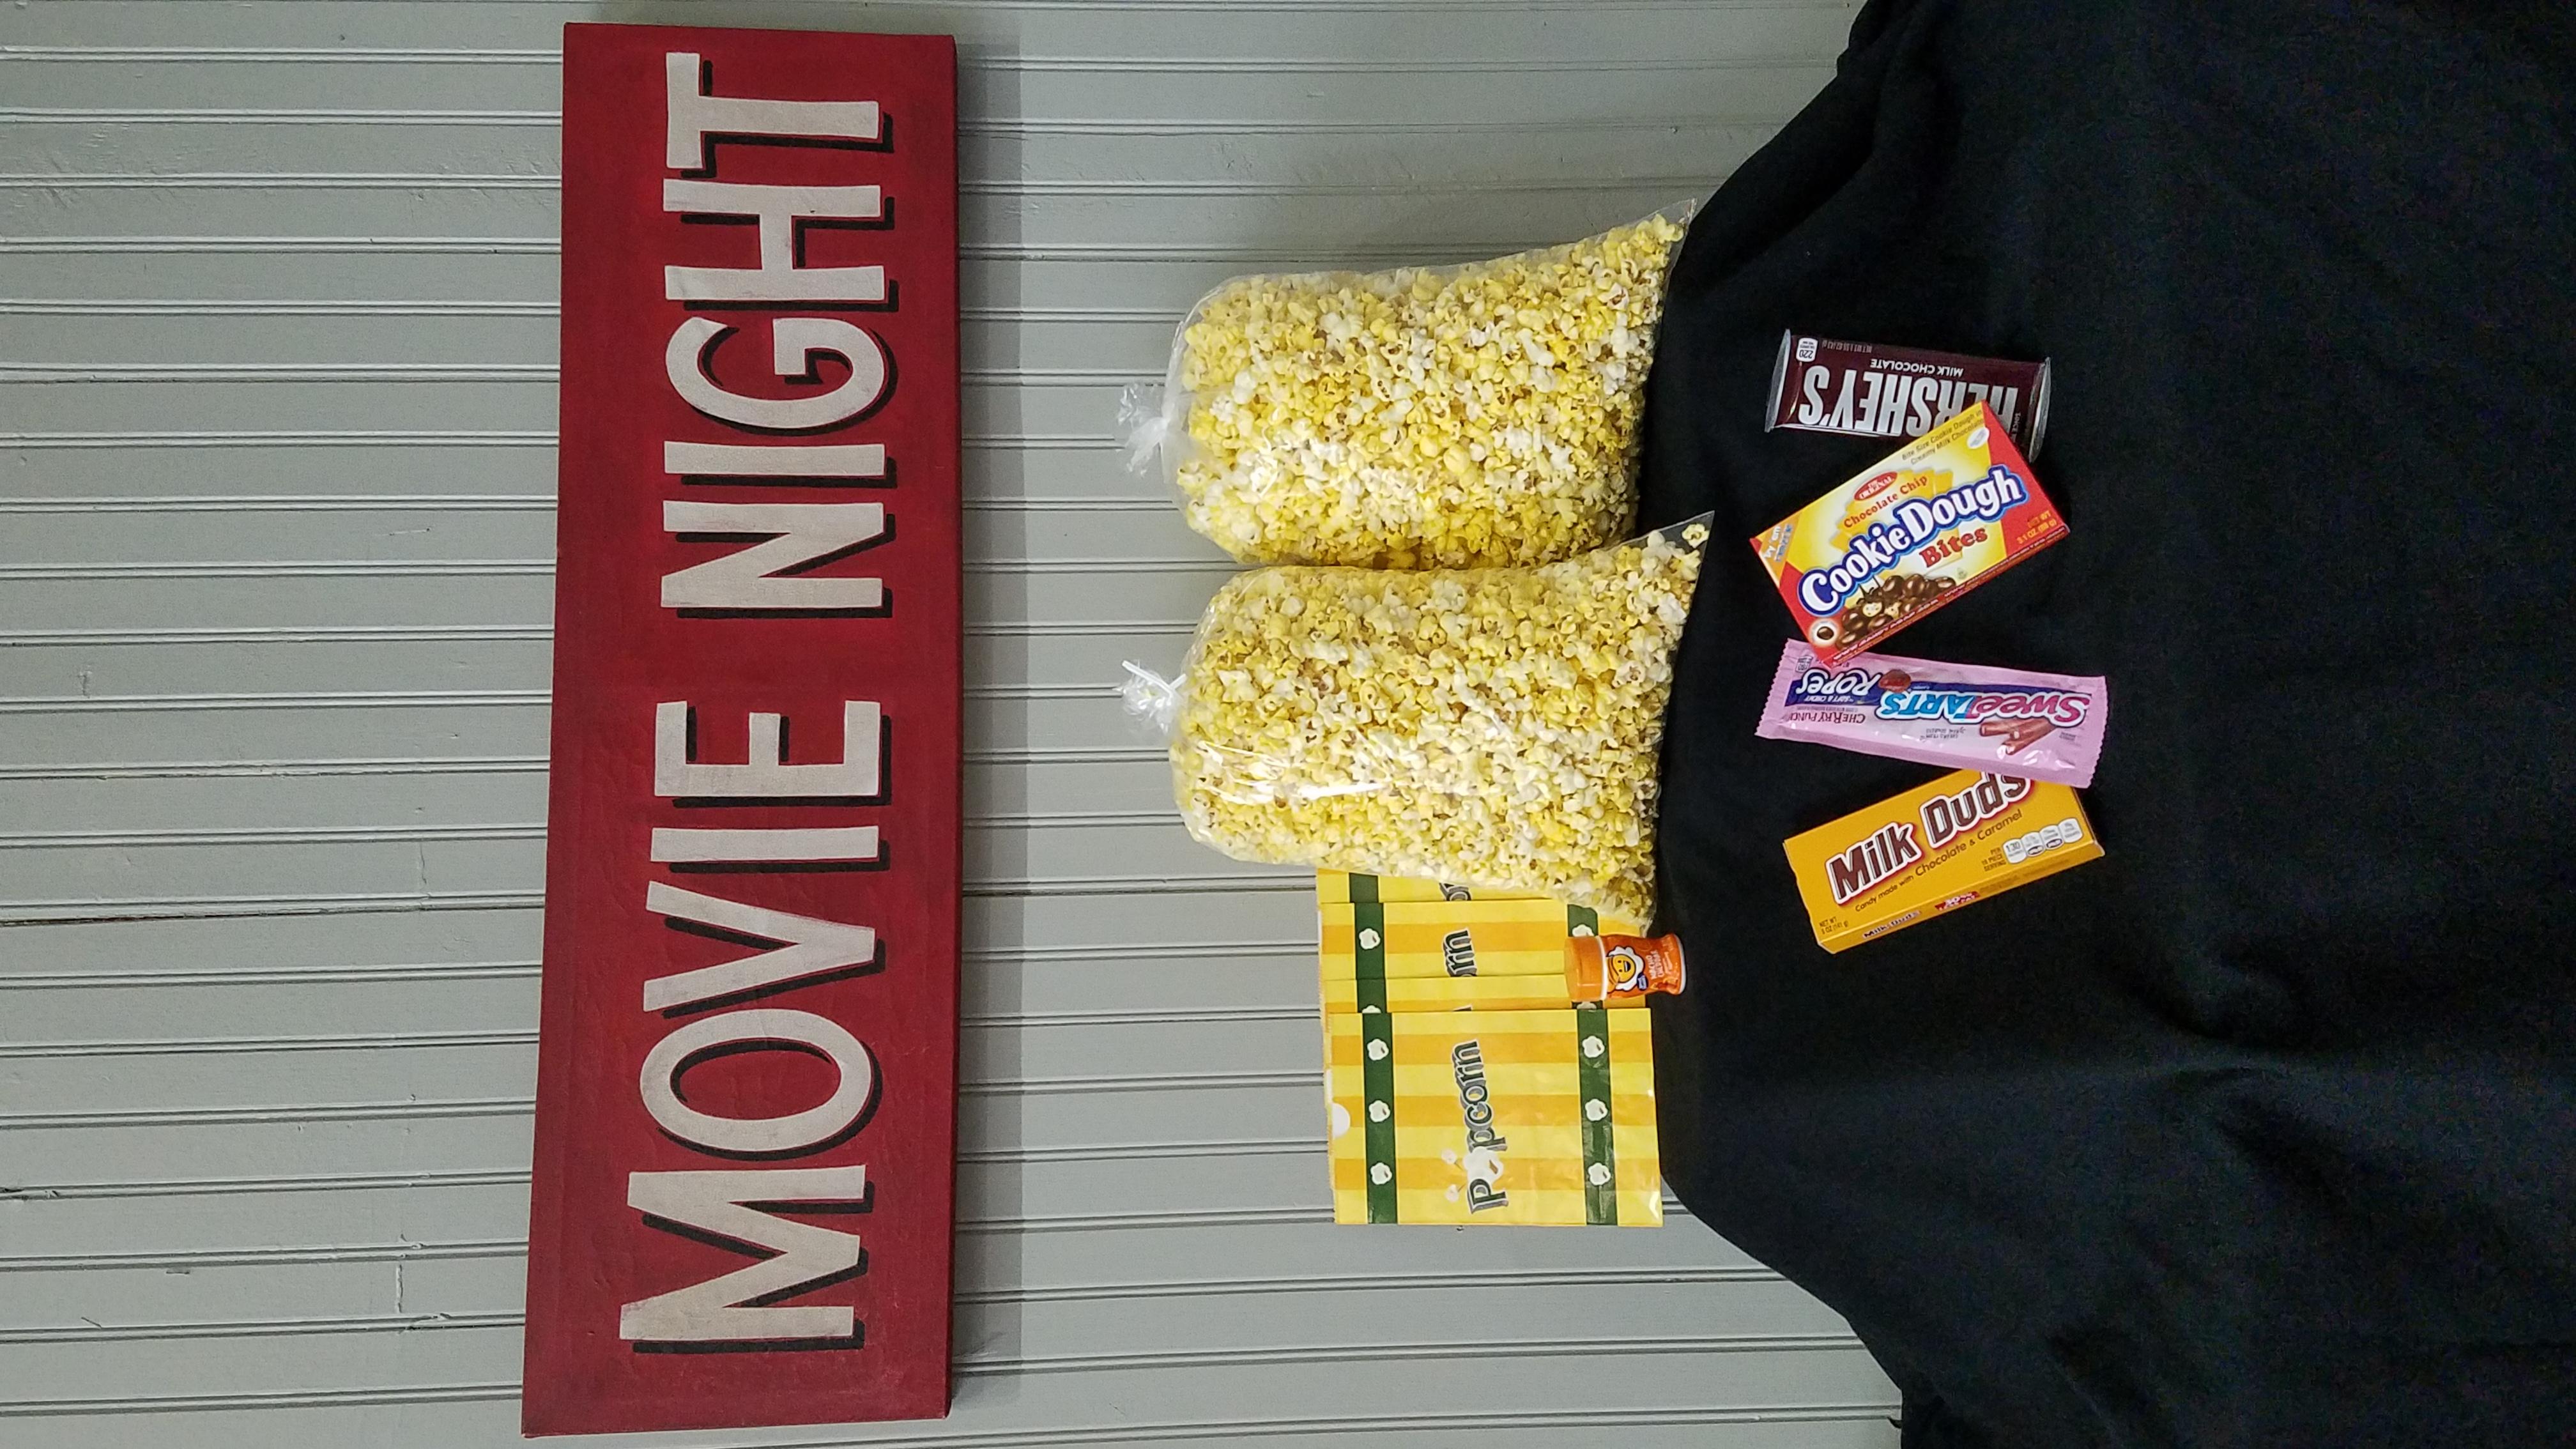 Basic movie lover snack pack